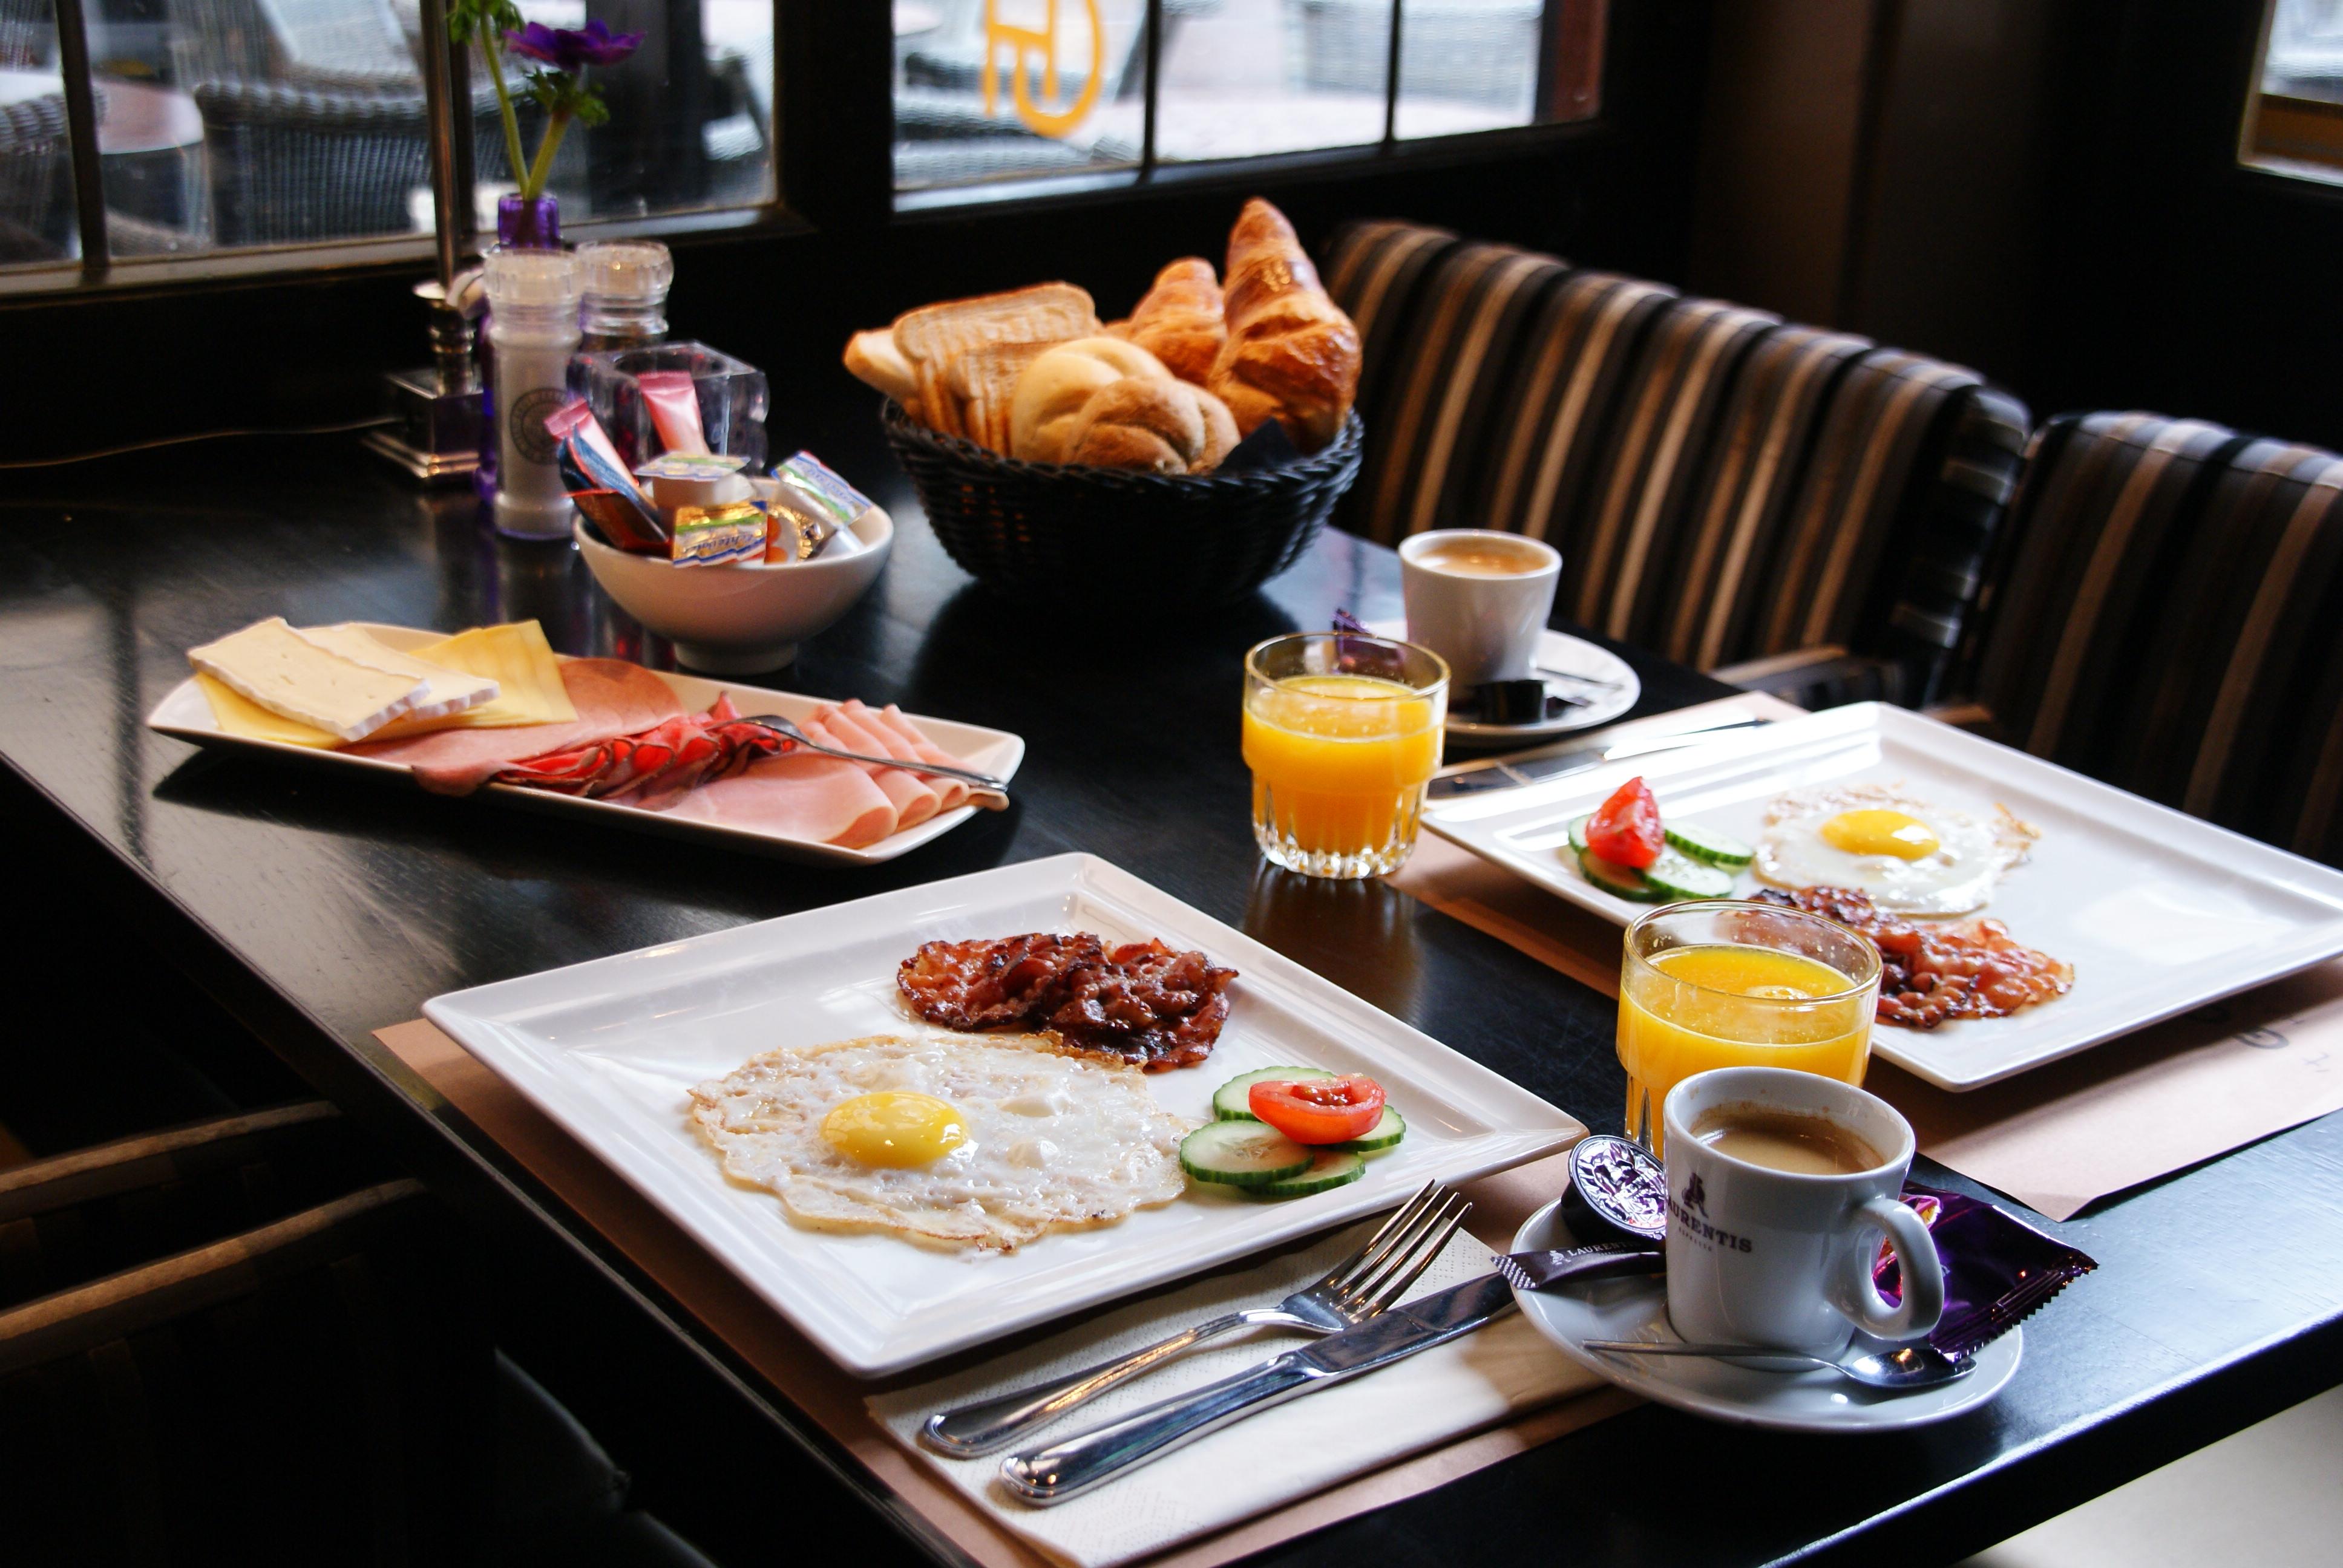 Ontbijt 't Goude Hooft